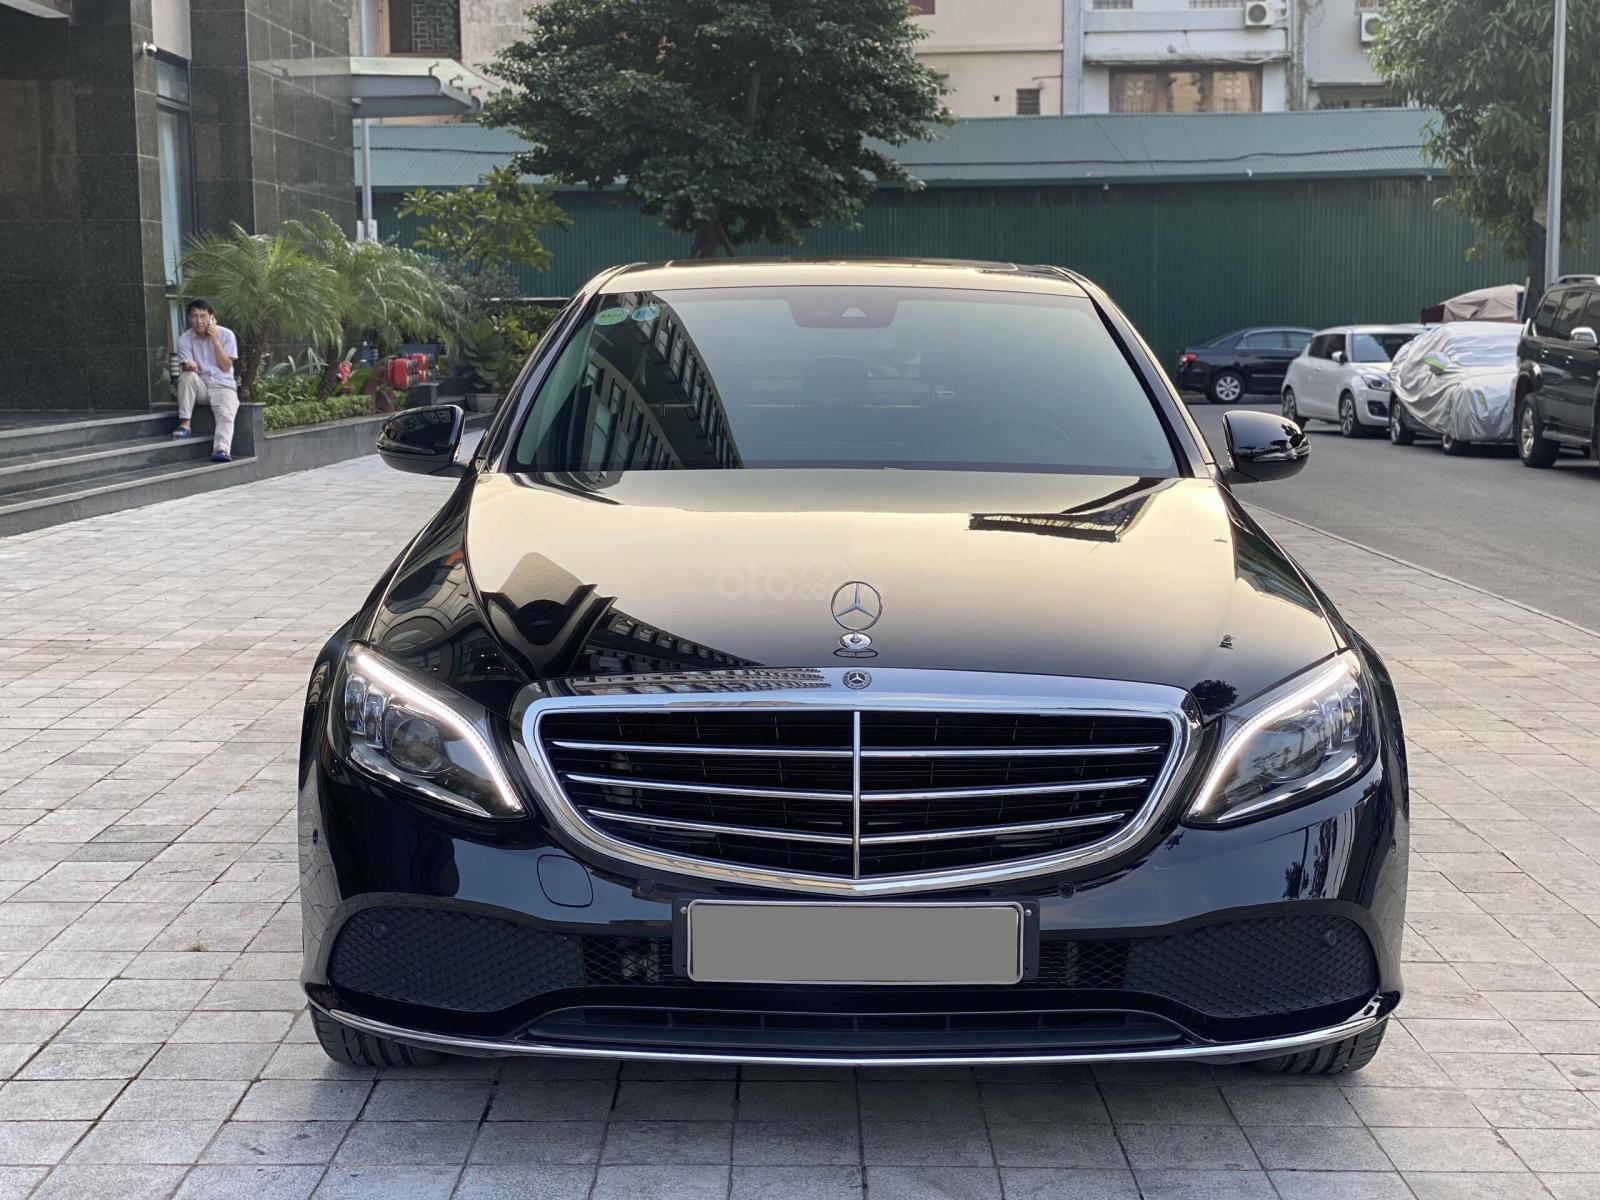 Mercedes C200 Exclusive 2019 1.5L màu đen sang trọng, biển Hà Nội, full option cực kỳ mới (1)